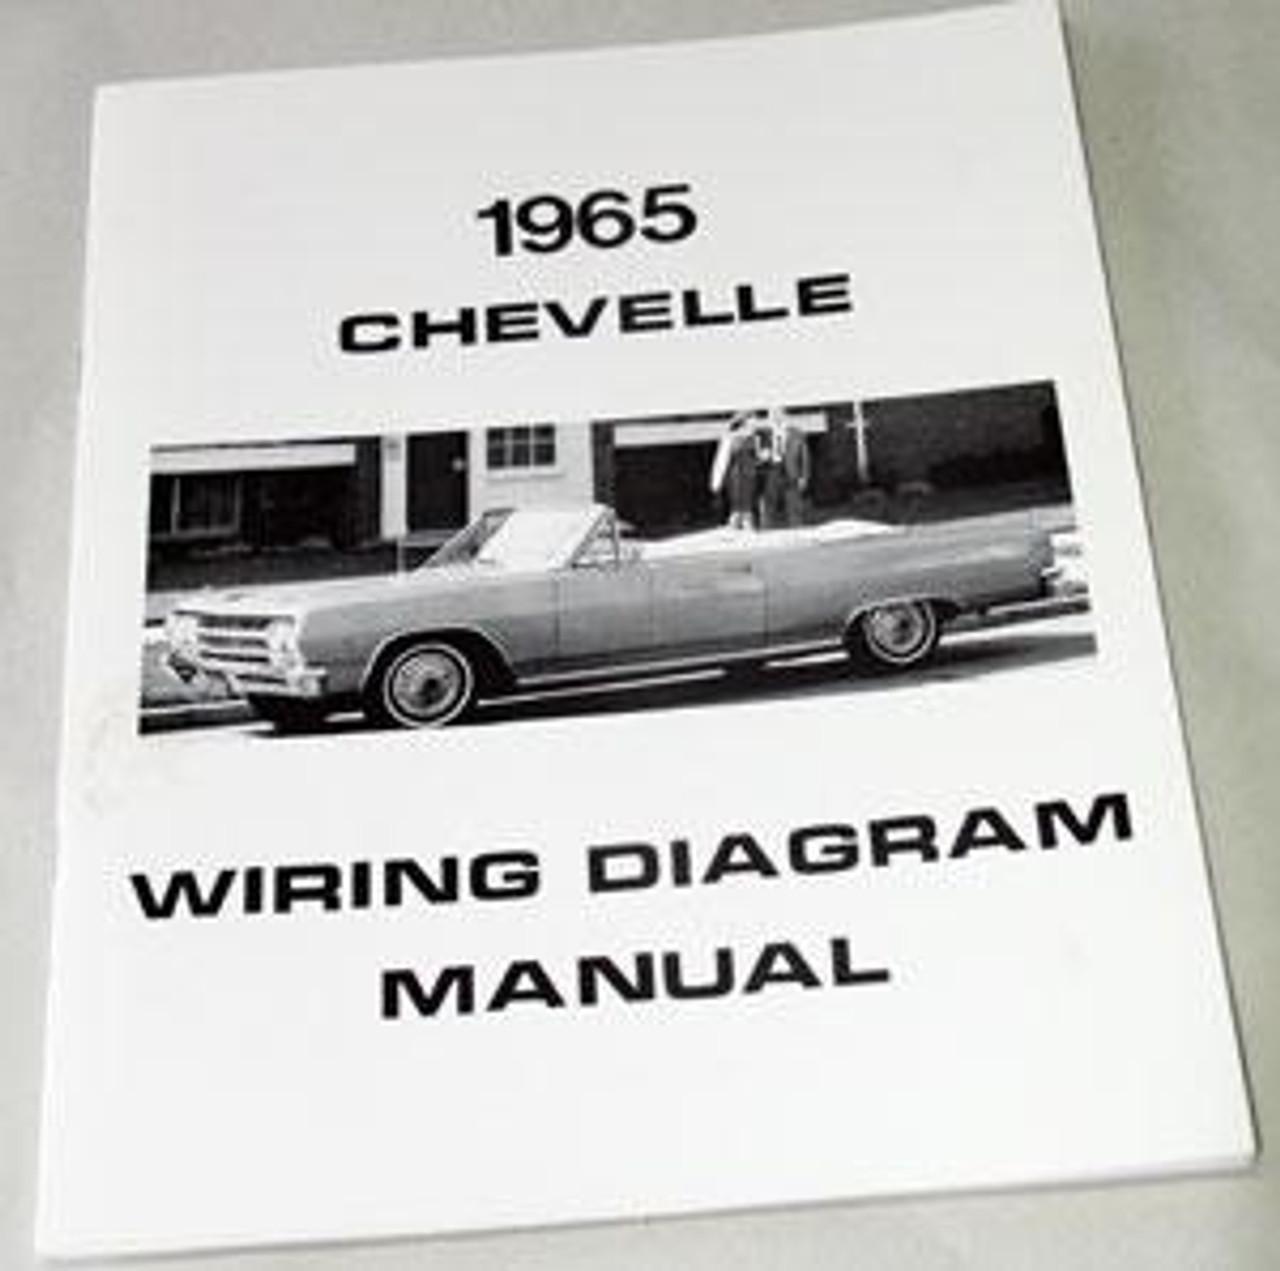 1965 Wiring Diagram